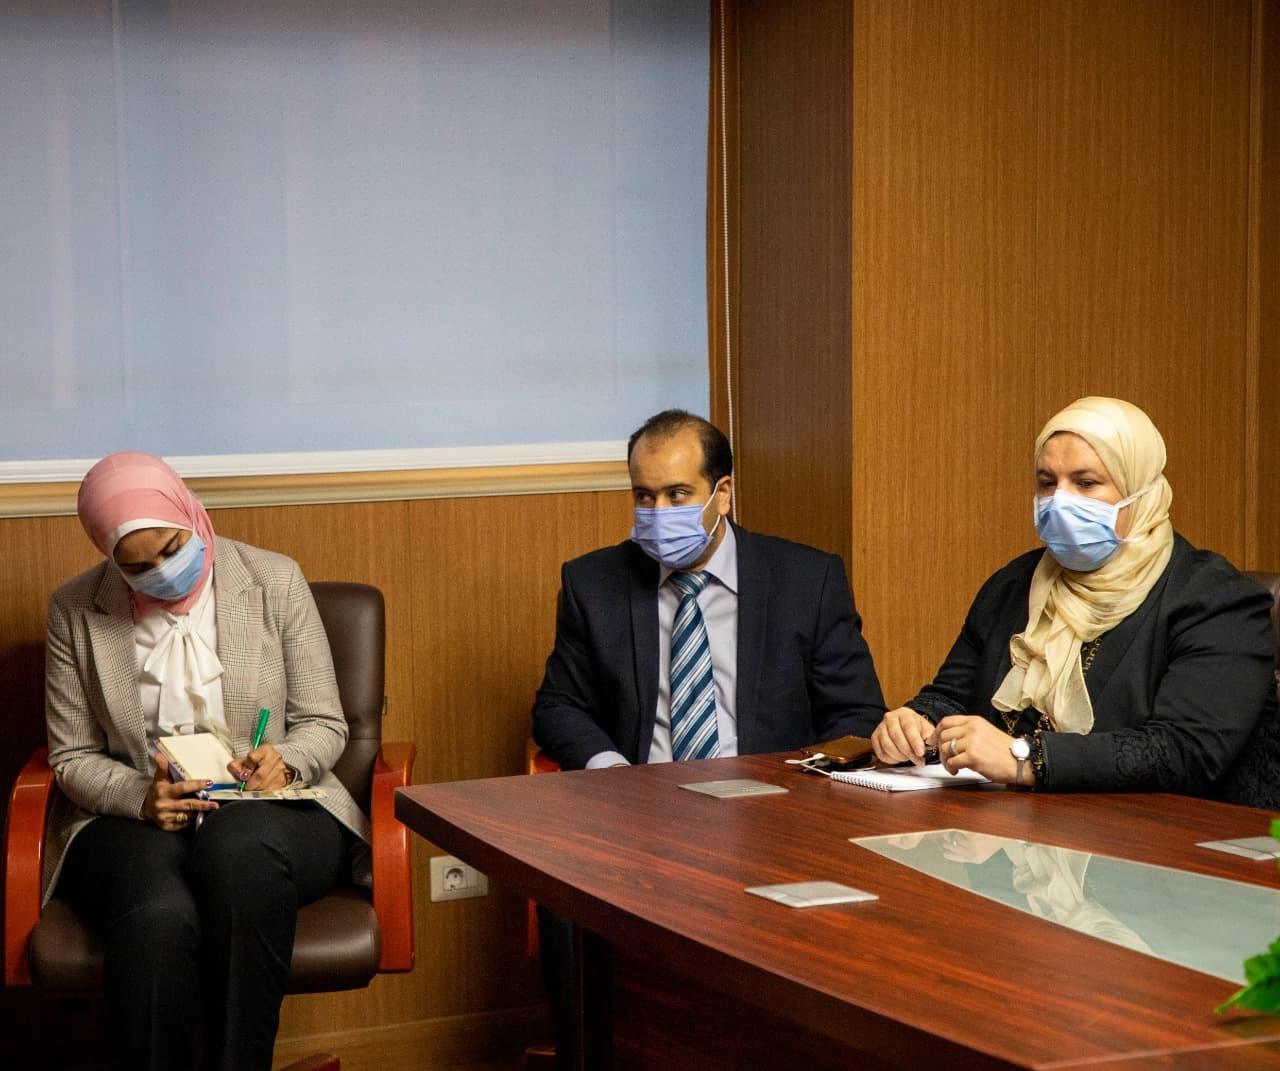 اجتماع رئيس هيئة الدواء المصرية مع شركات ومصنعي الدواء (6)